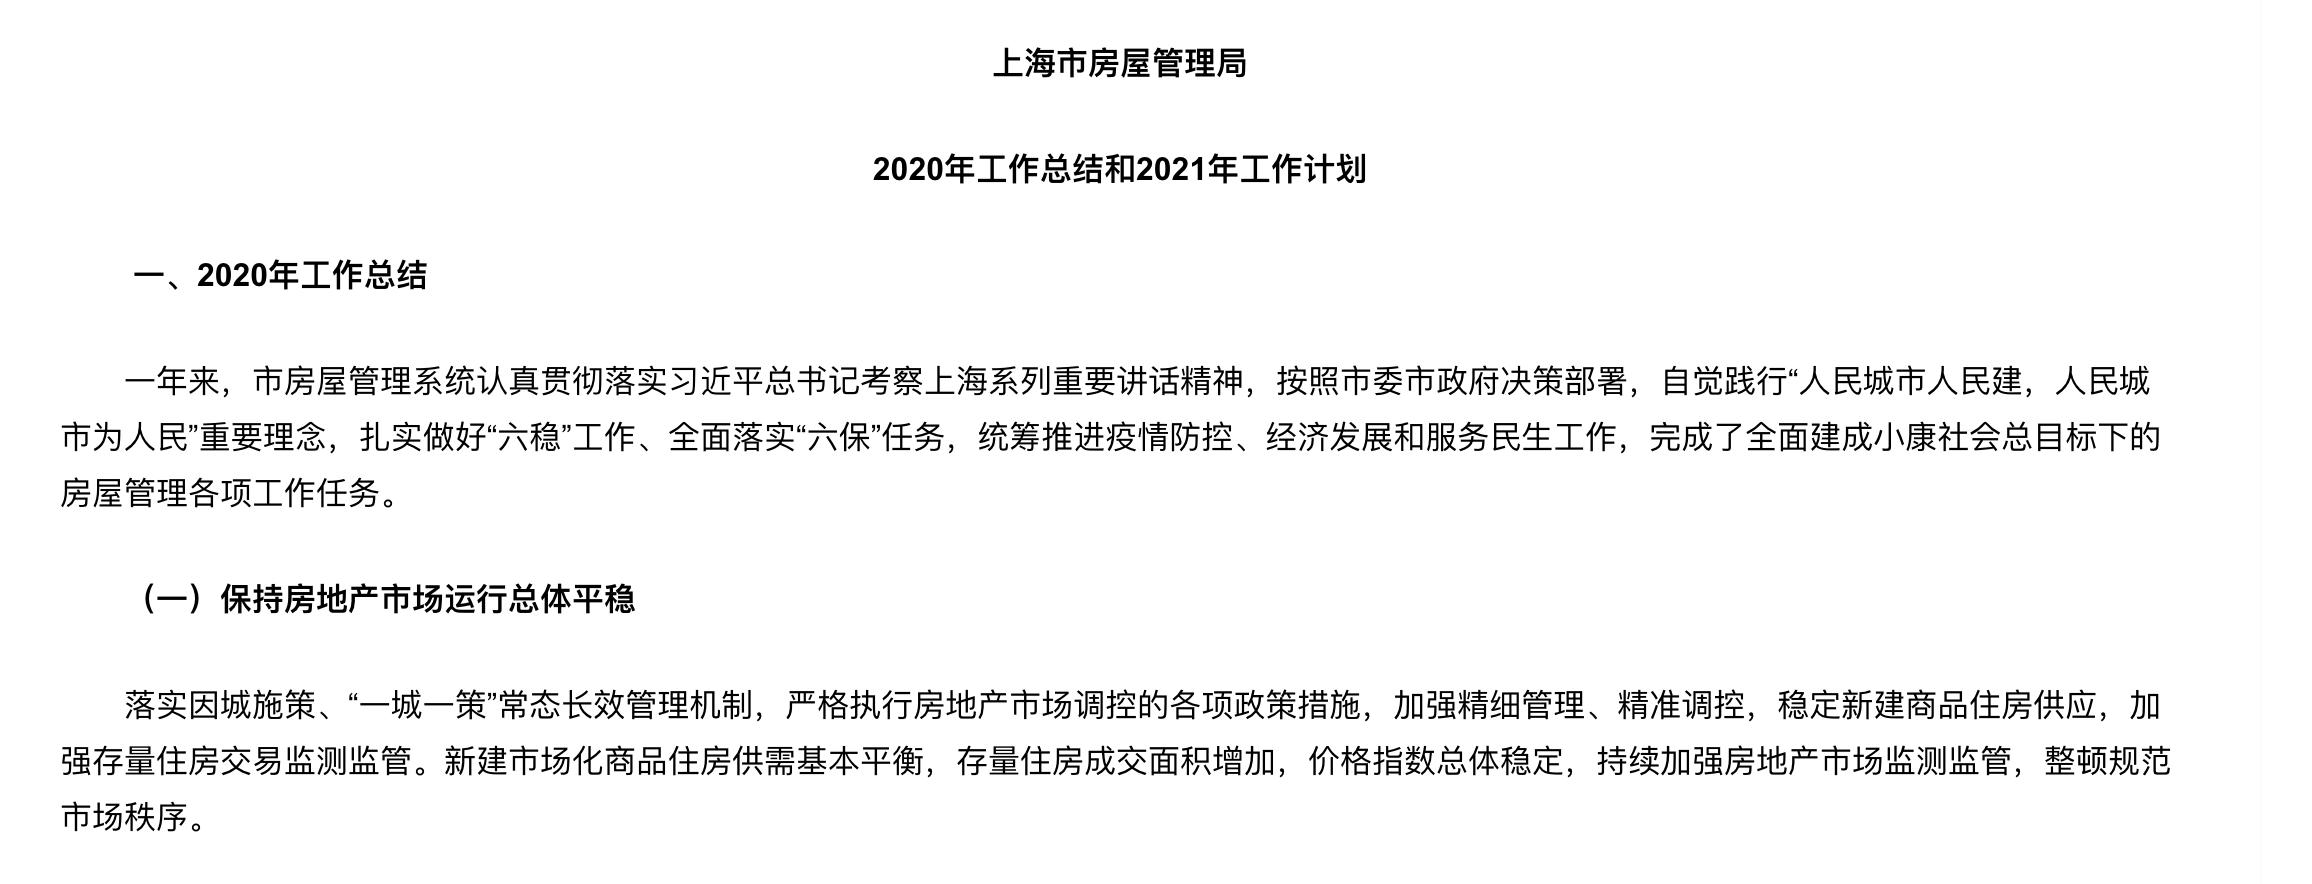 """上海楼市专项检查或常态化 """"不要小看政府管控房价的决心"""""""